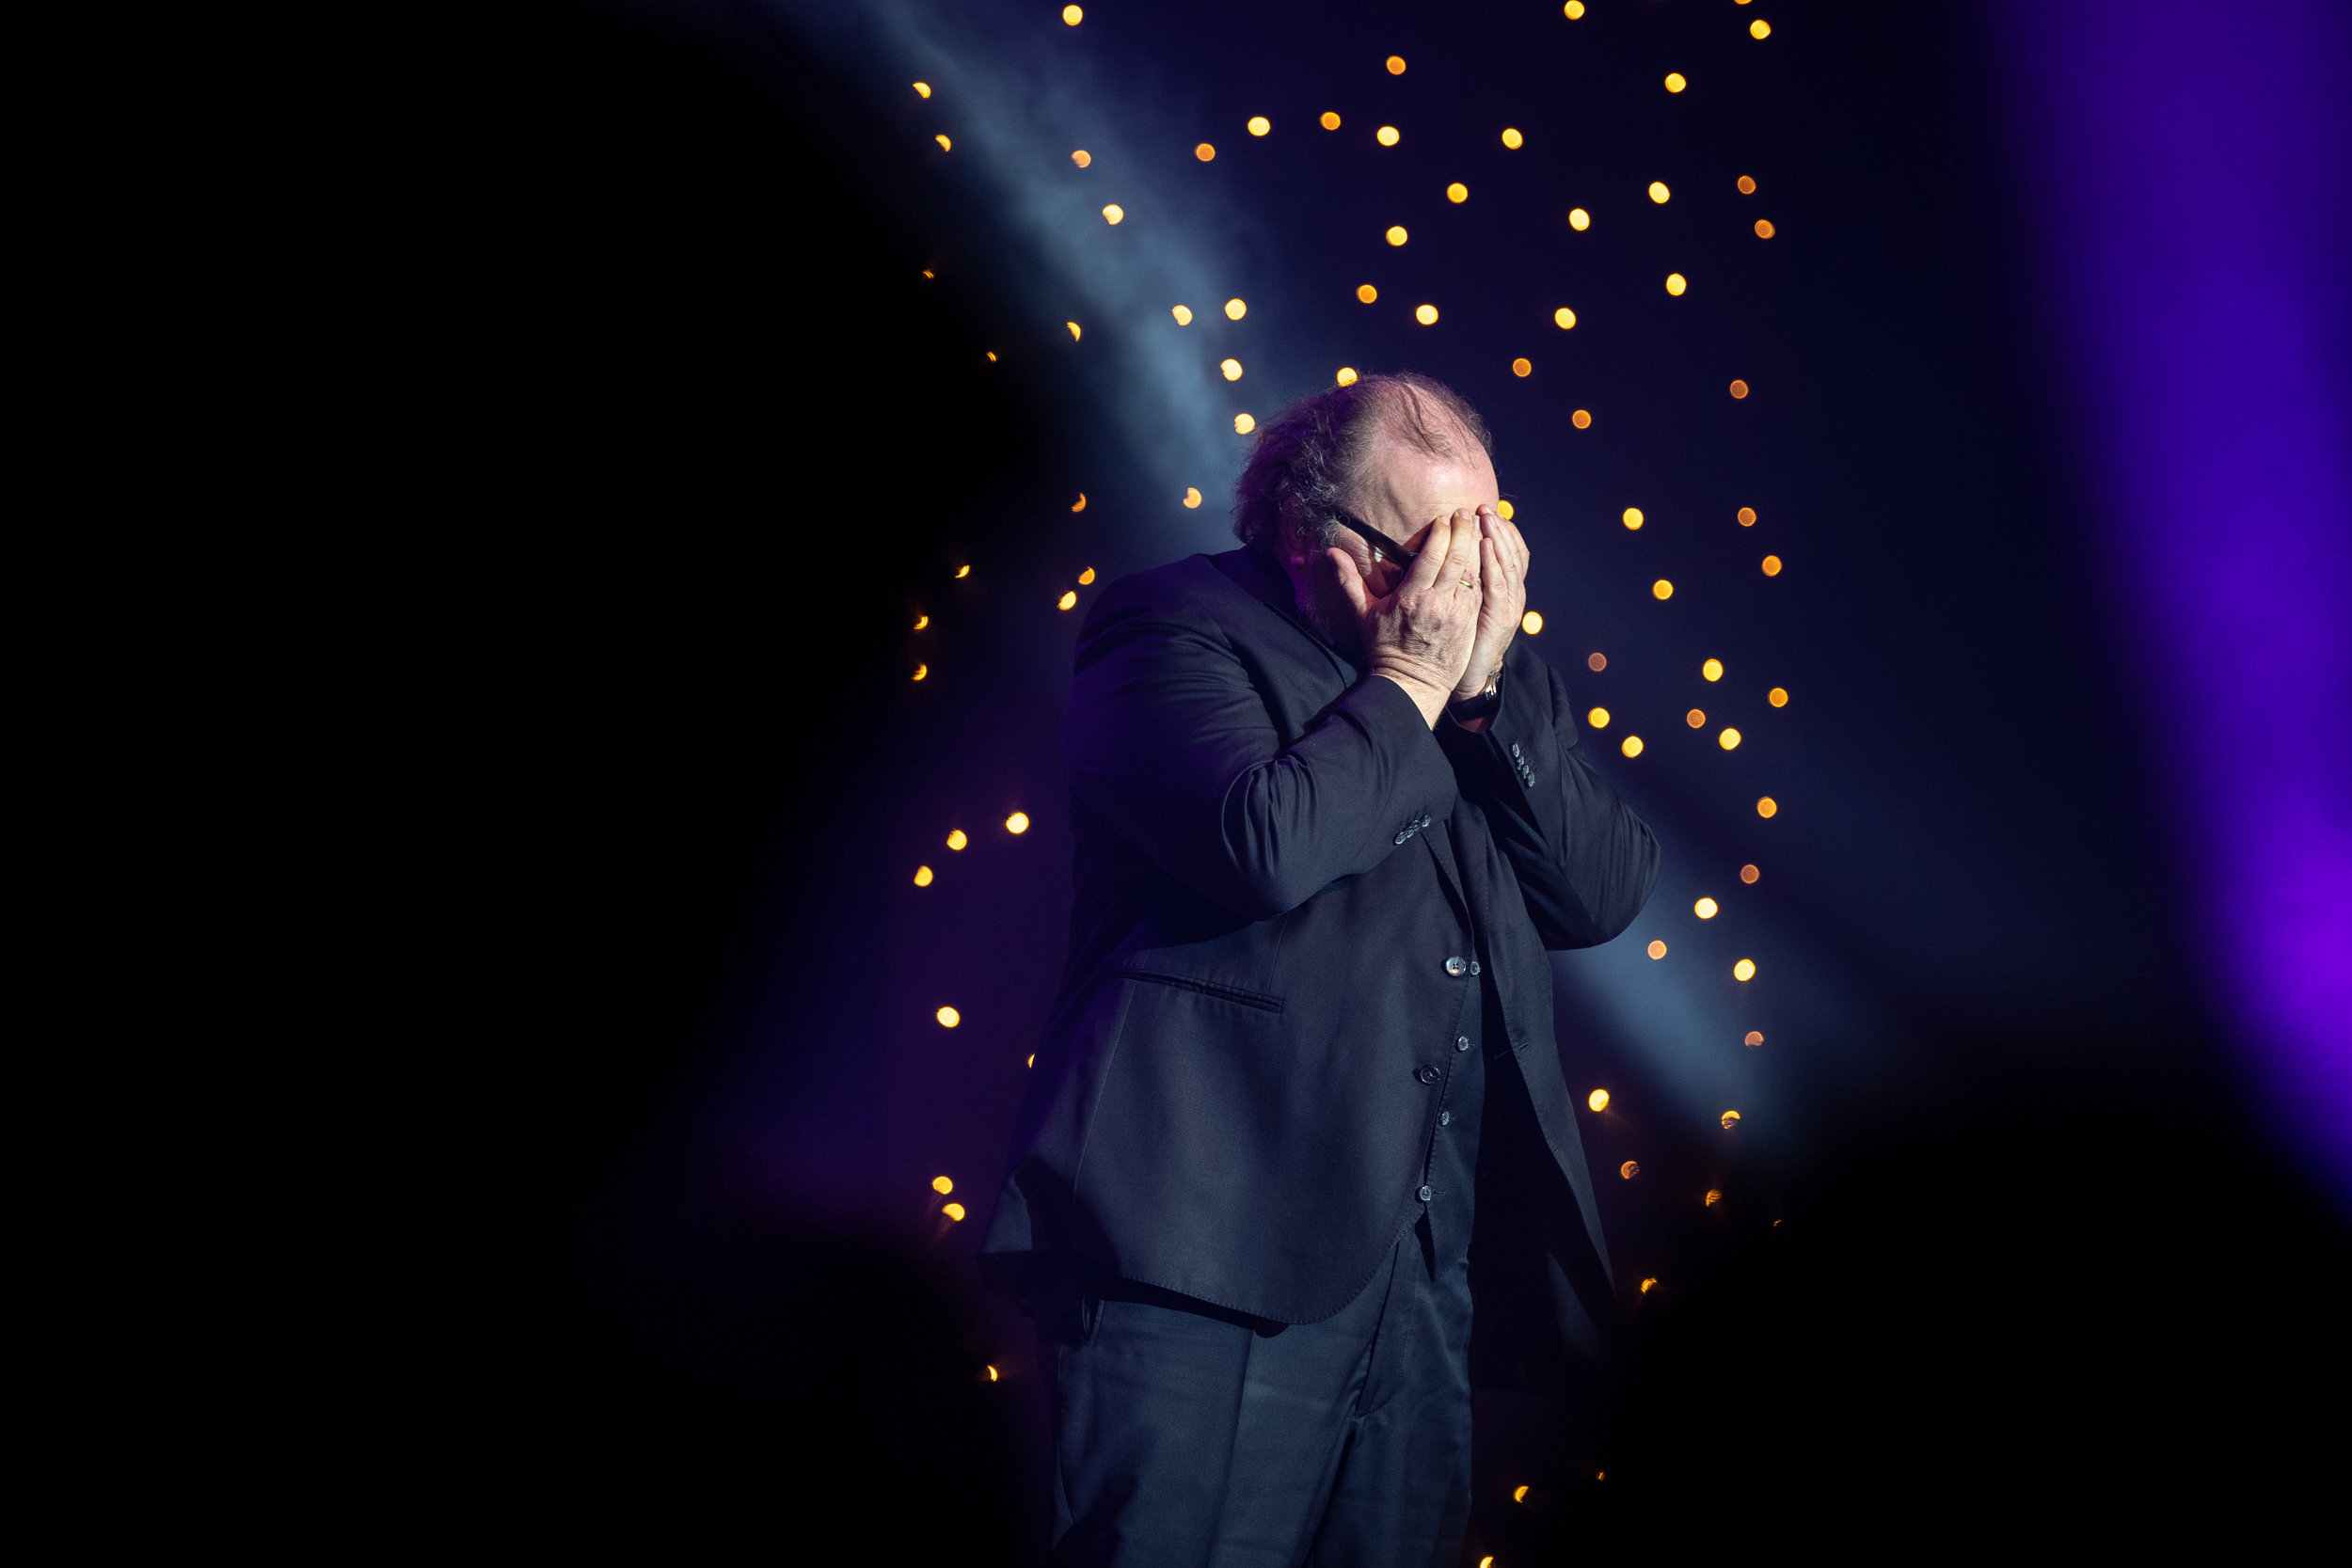 Arndt versteckt seine Tränen, nachdem er den Carl Laemmle Produzentenpreis 2019 gewonnen hat.